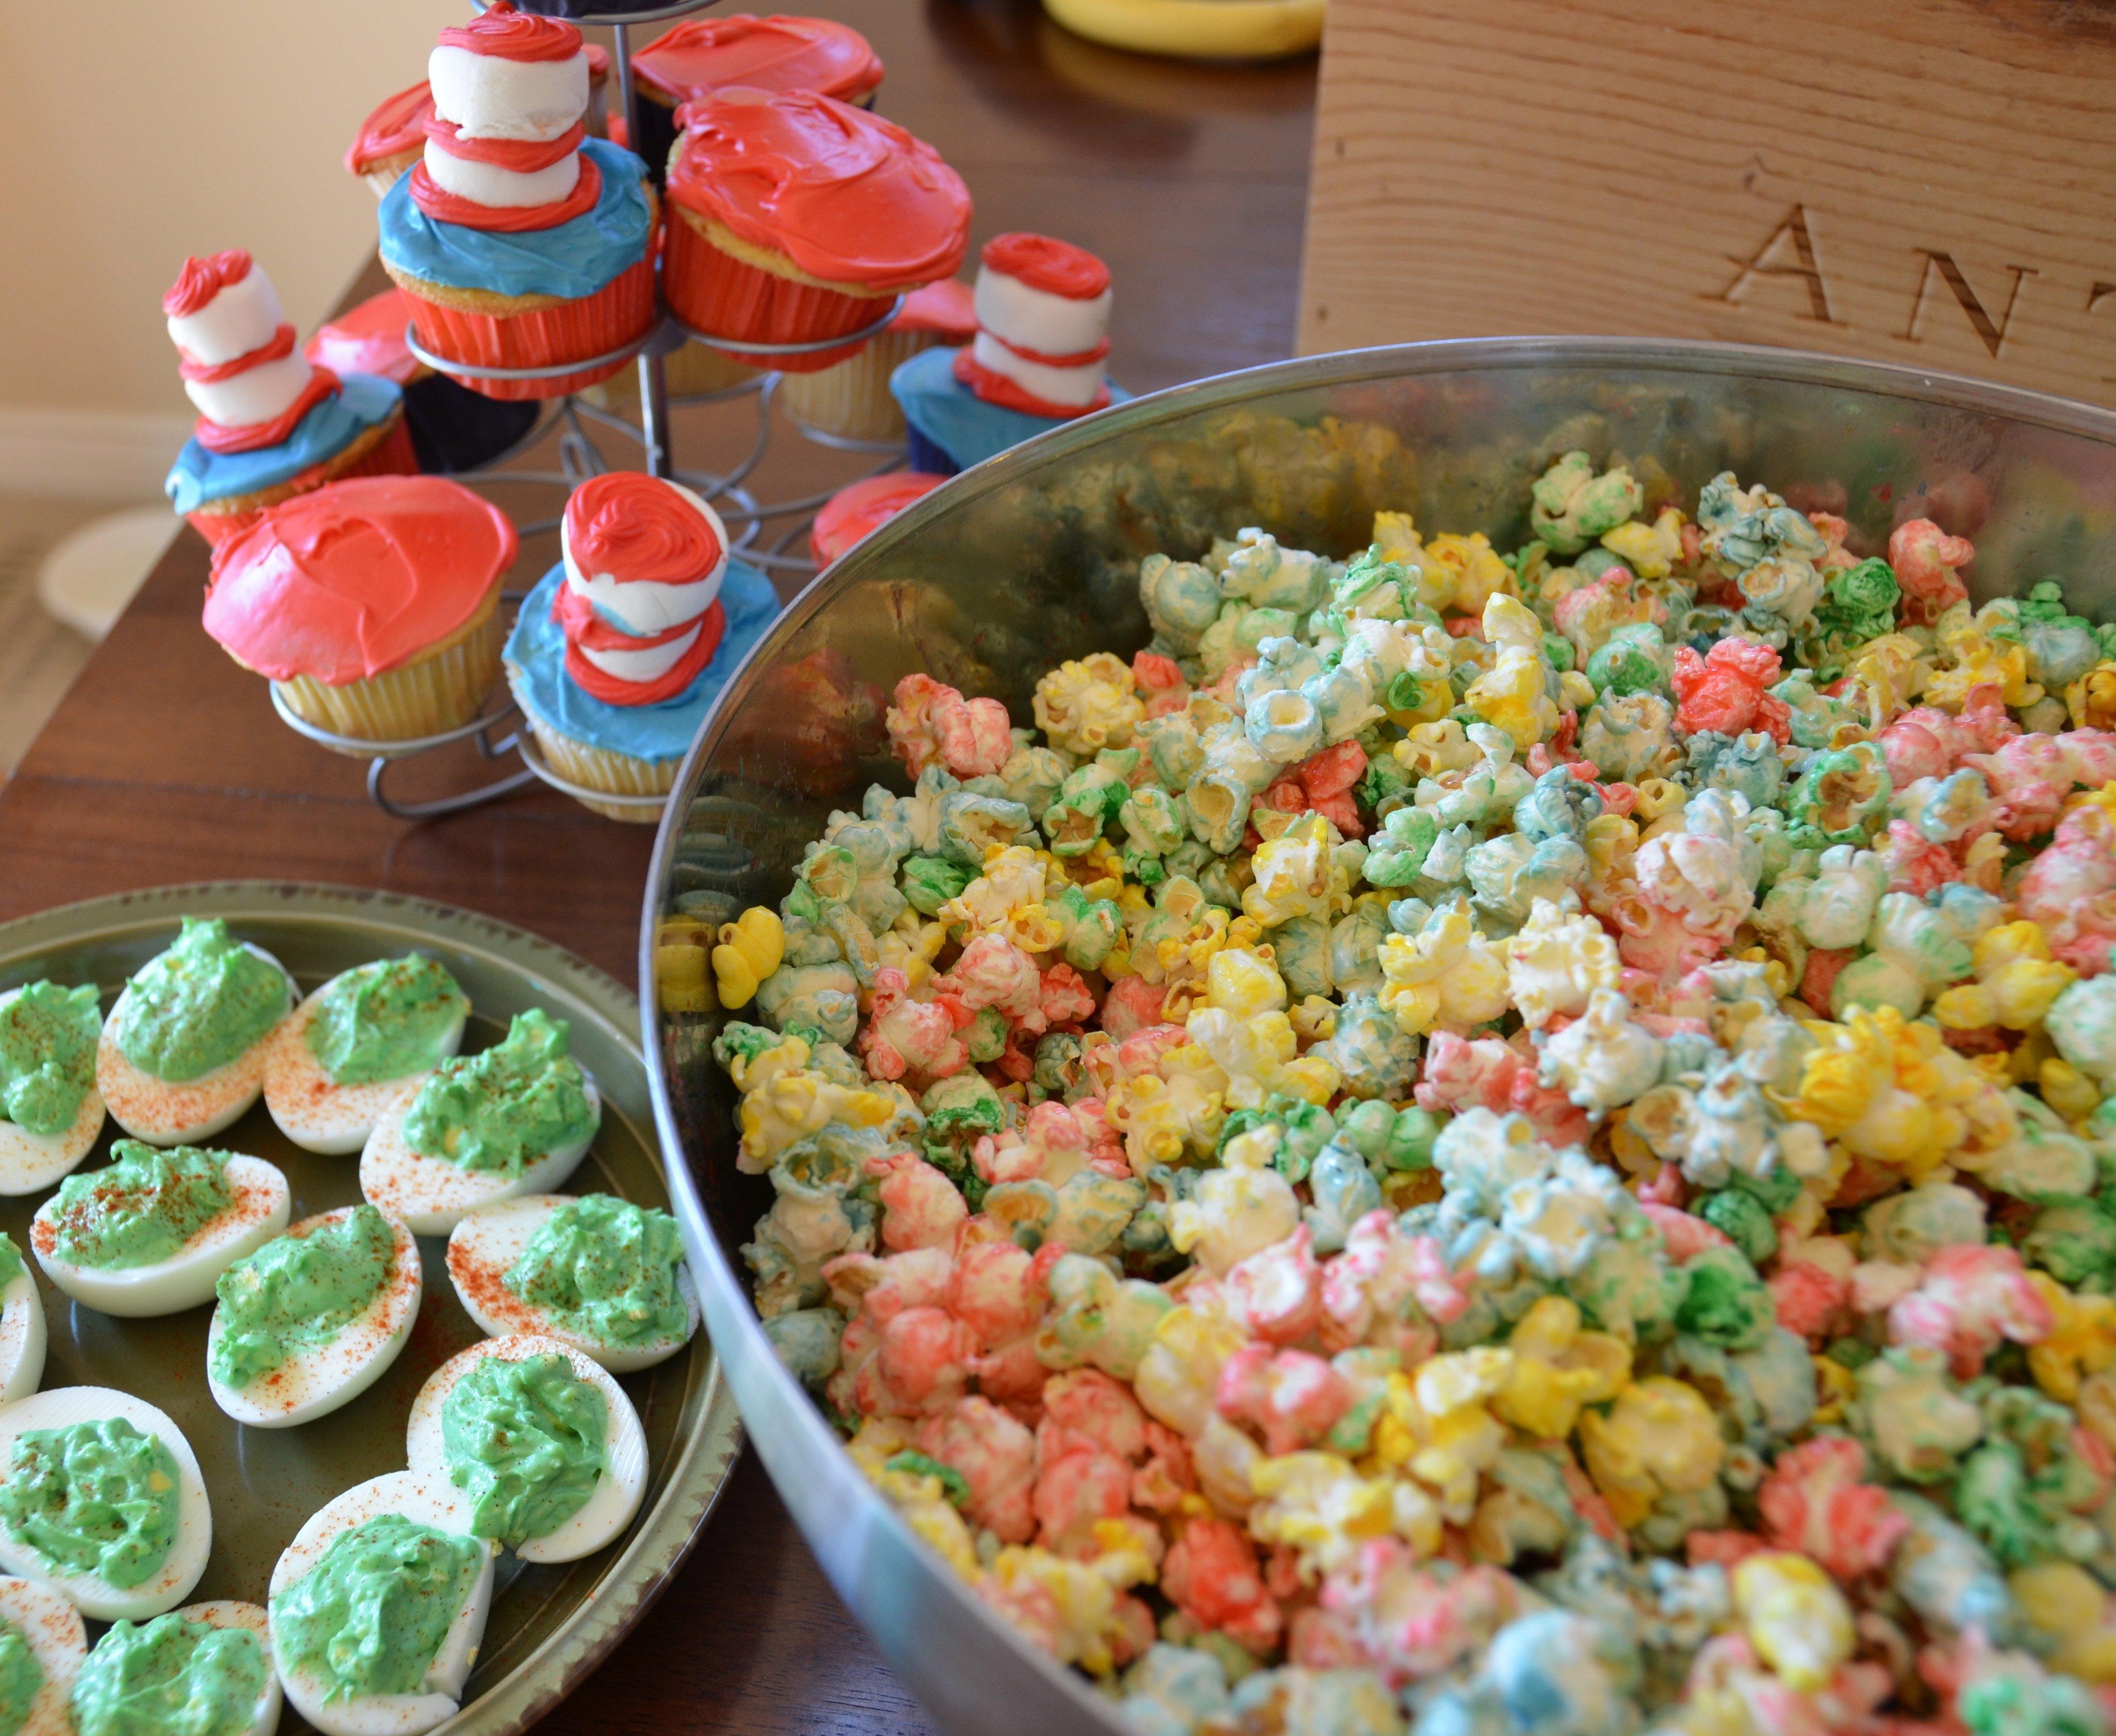 10 Unique Dr Seuss Baby Shower Food Ideas photo dr seuss party food image 2020